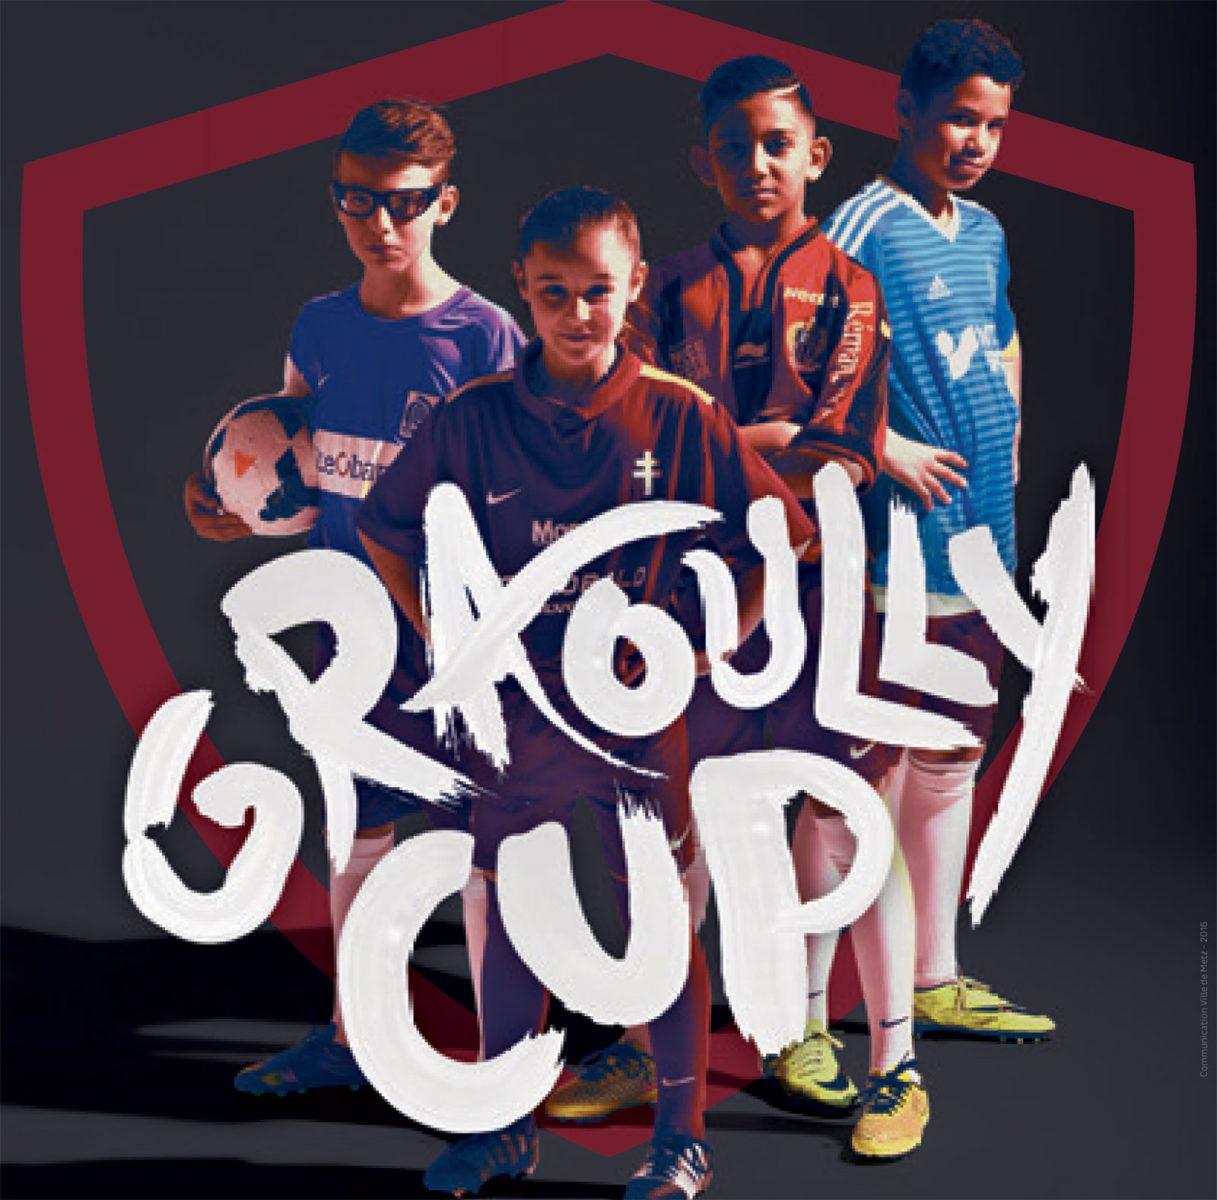 Graoully cup 2016 à Metz : le tournoi de foot de jeunes, où les grands clubs se pressent